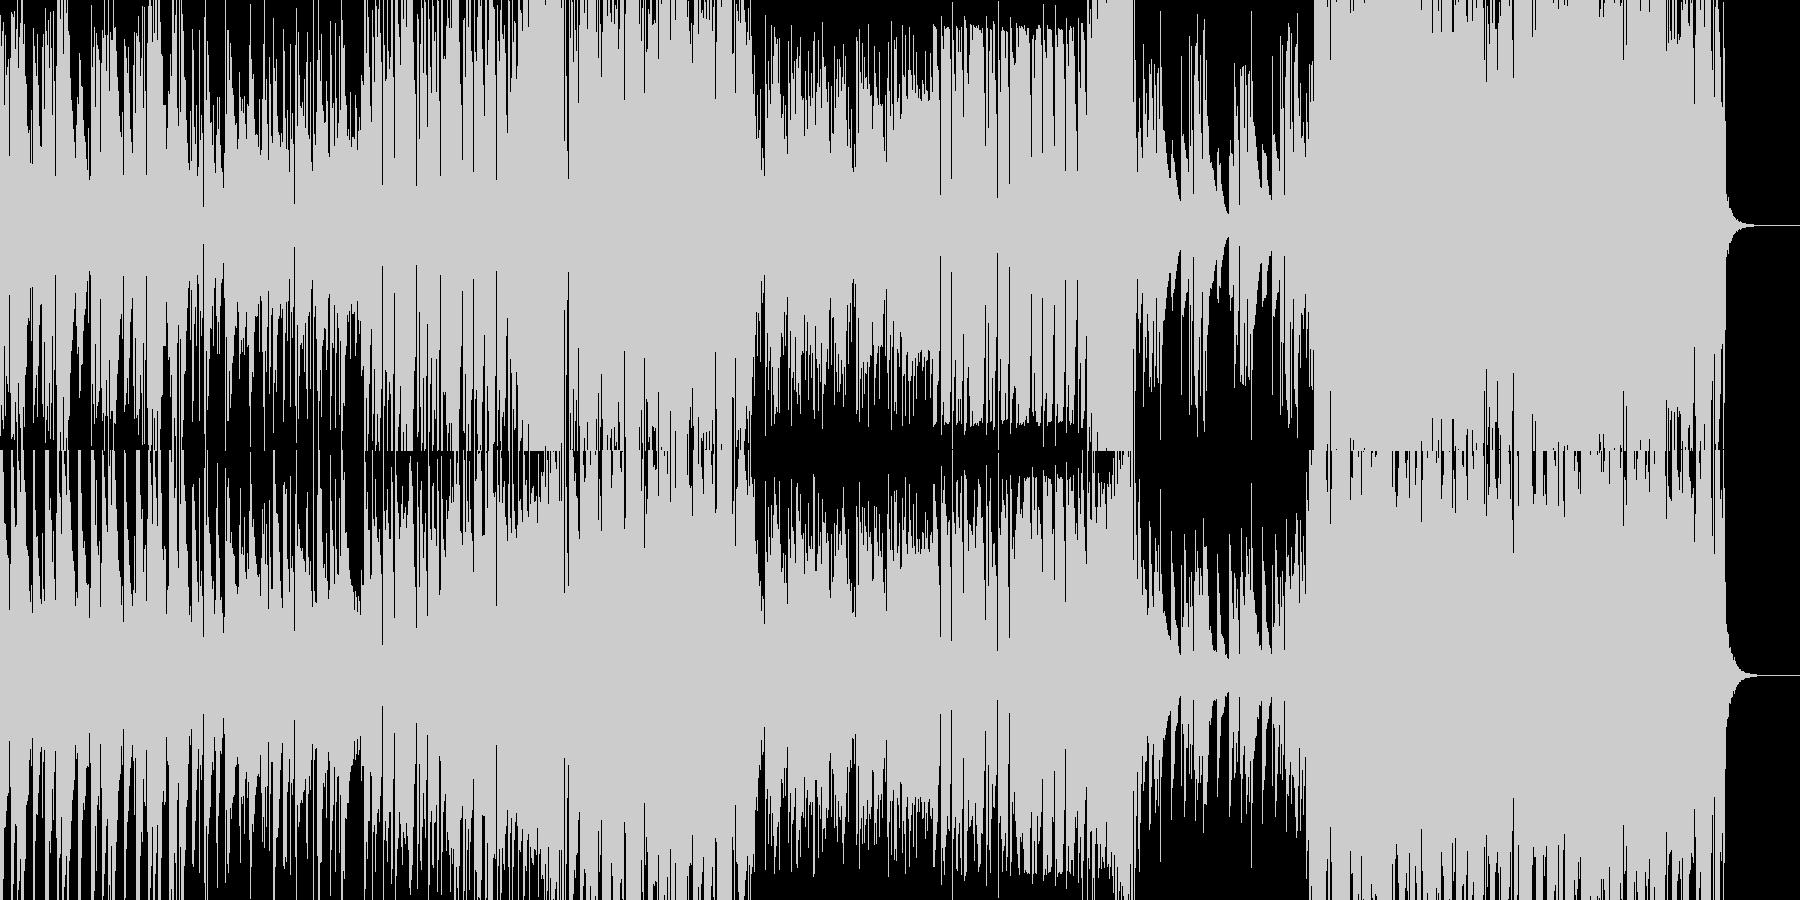 華やかなジャズミュージックの未再生の波形